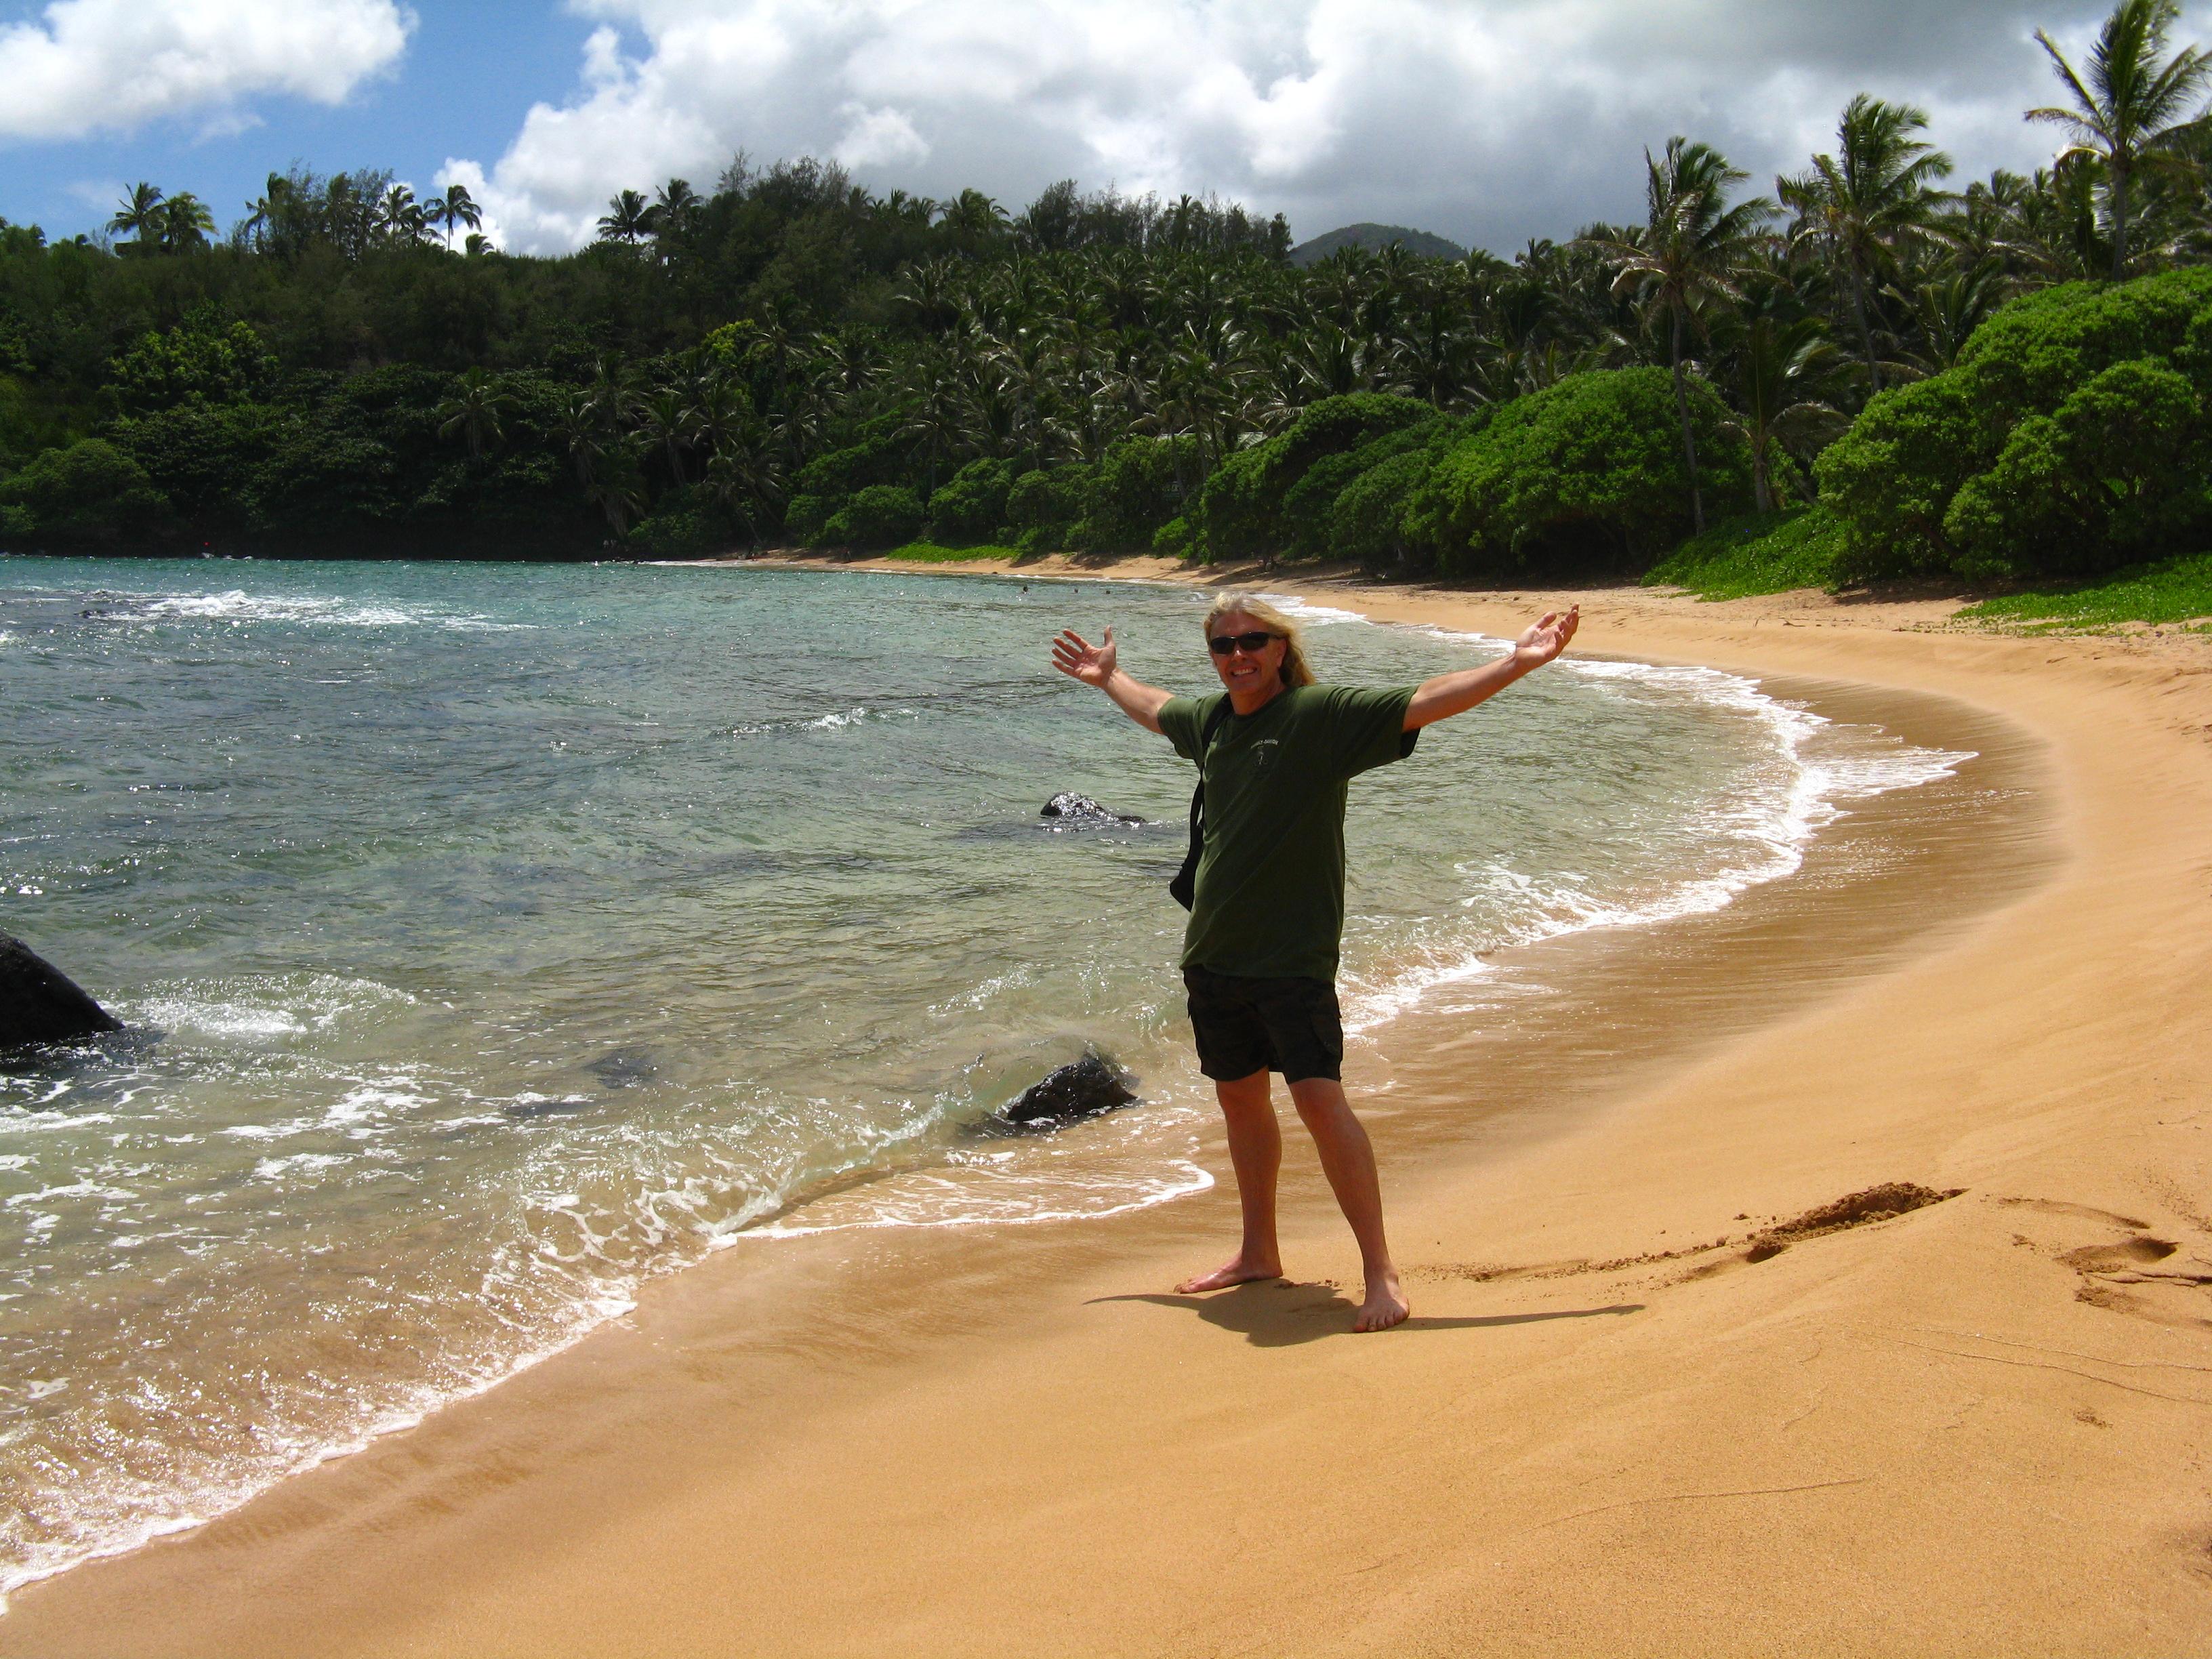 Kauai Podcast 20 Travelog 2013 Your Escape To Kauai